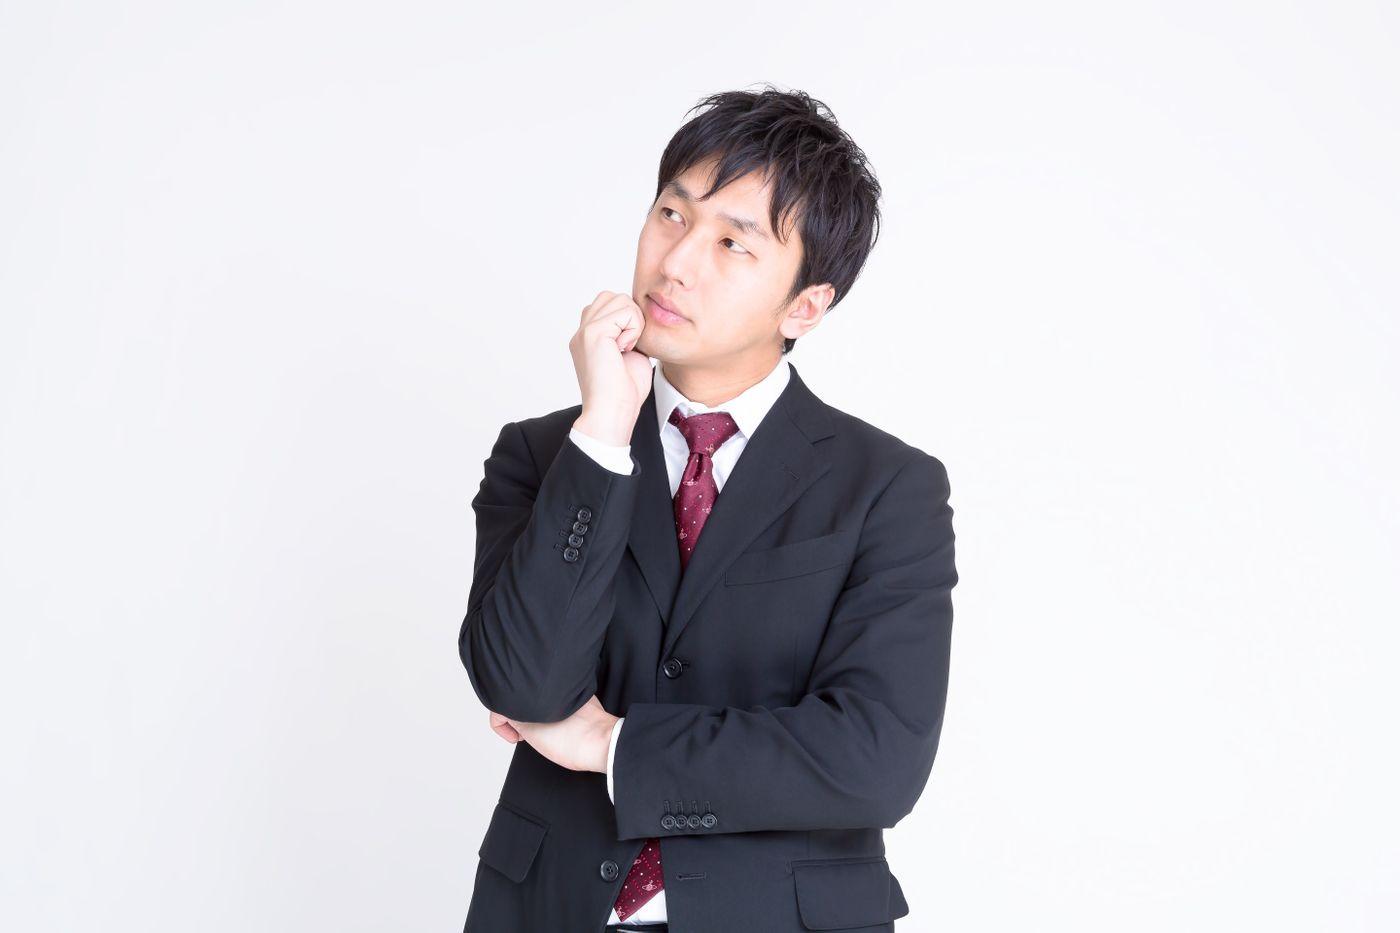 考えるスーツ姿の男性の写真